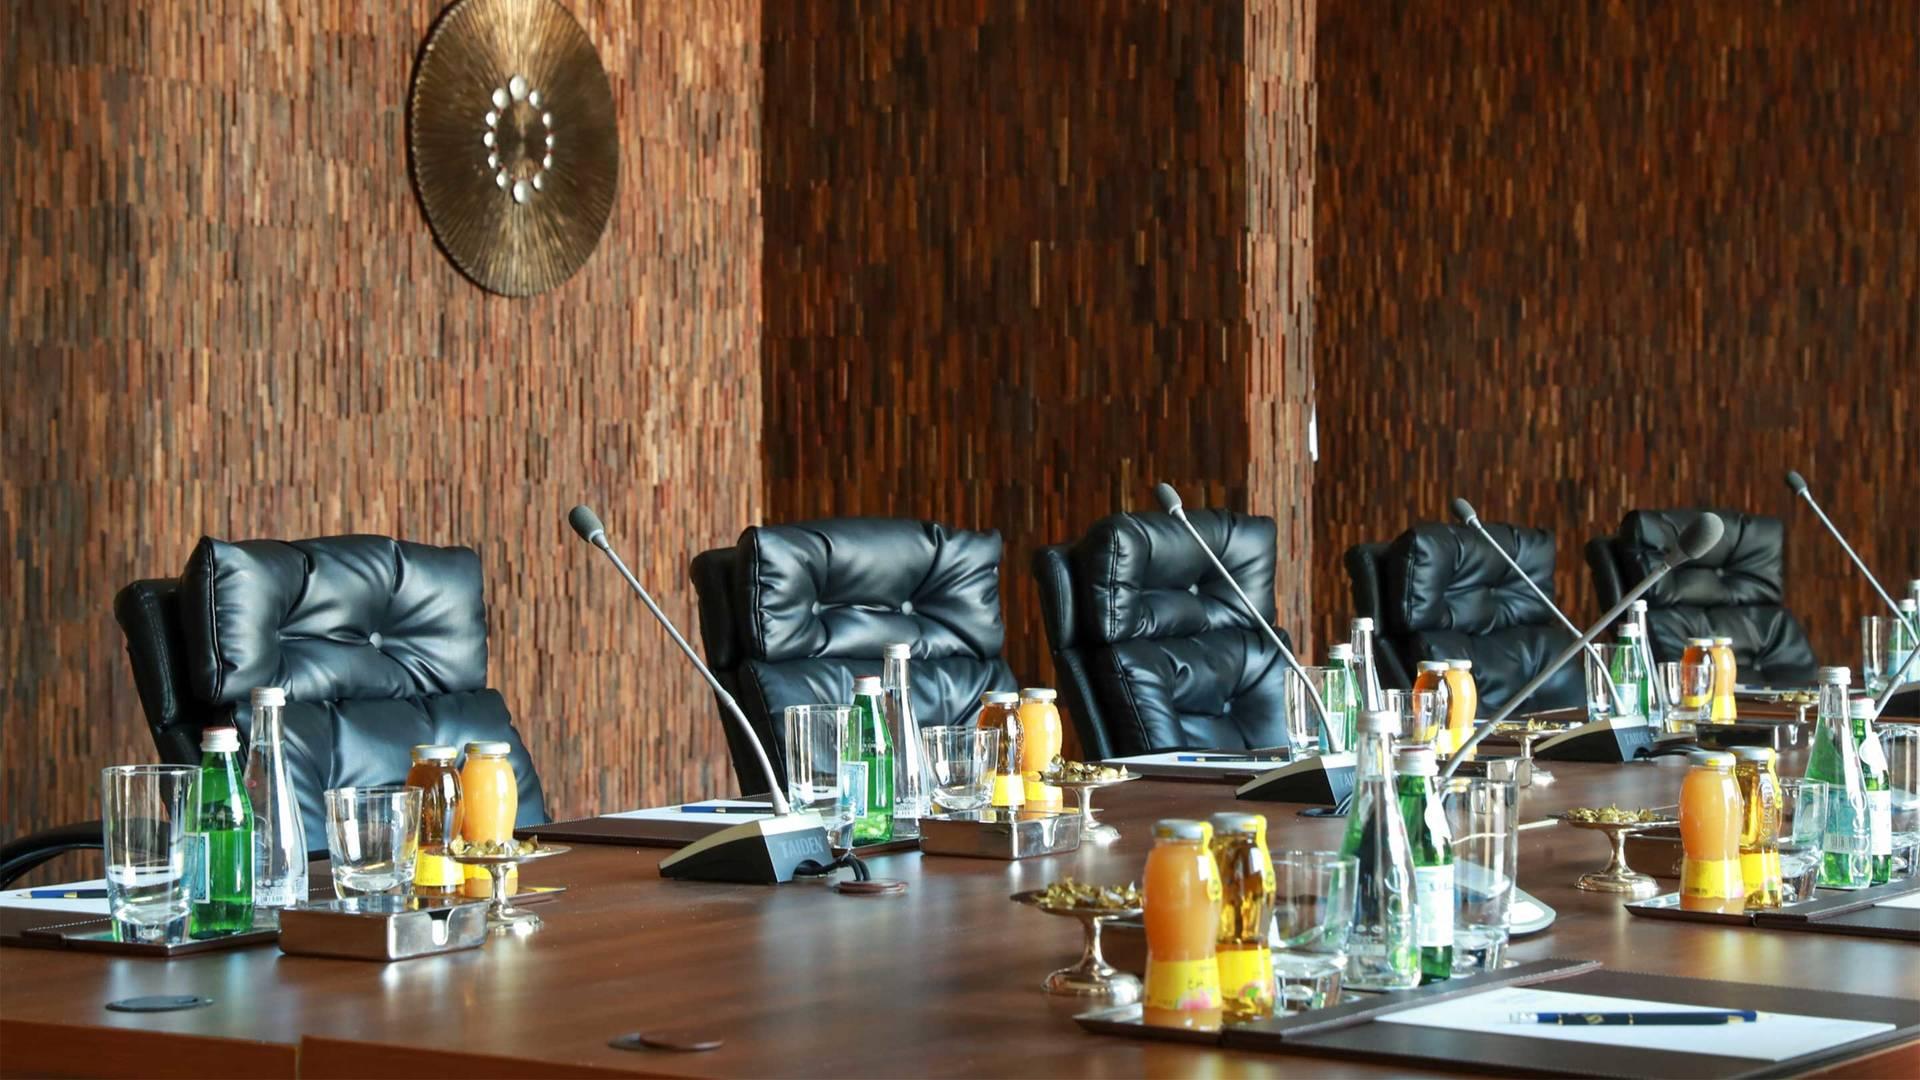 https://cdn.jumeirah.com/-/mediadh/DH/Hospitality/Jumeirah/Hotels/Kuwait/Jumeirah-Messilah-Beach-Hotel-and-Spa/Meeting-Rooms/Al-Sadu/169AlSaduright-close-MeetingRoomJumeirahMessilahBeachHotelSpa4_landscape.jpg?h=1080&w=1920&hash=28856C799264E763EEAA77FDEE69F7CA